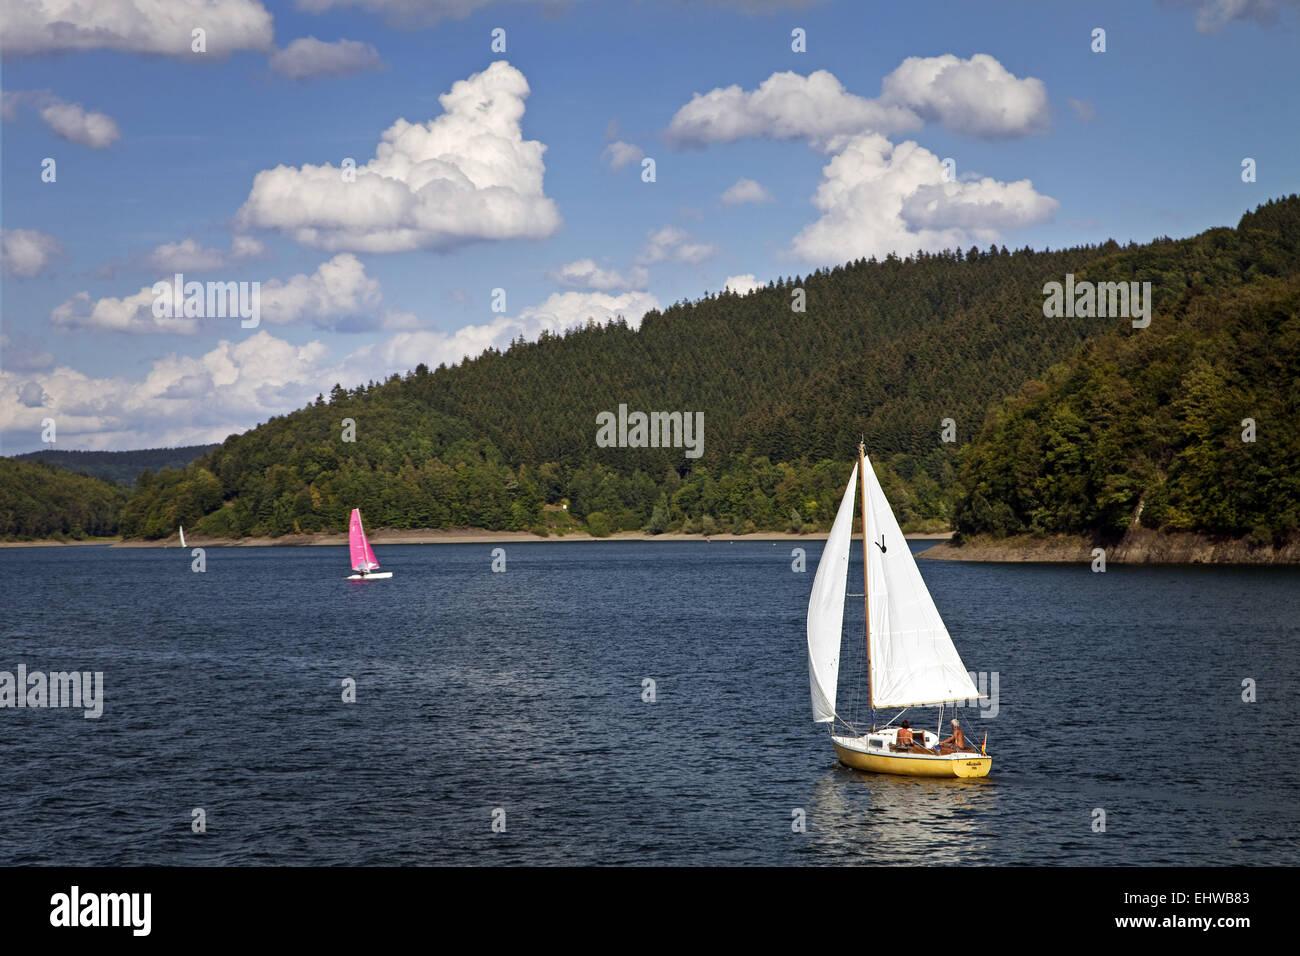 Segelboote auf dem Stausee Bigge. Stockbild